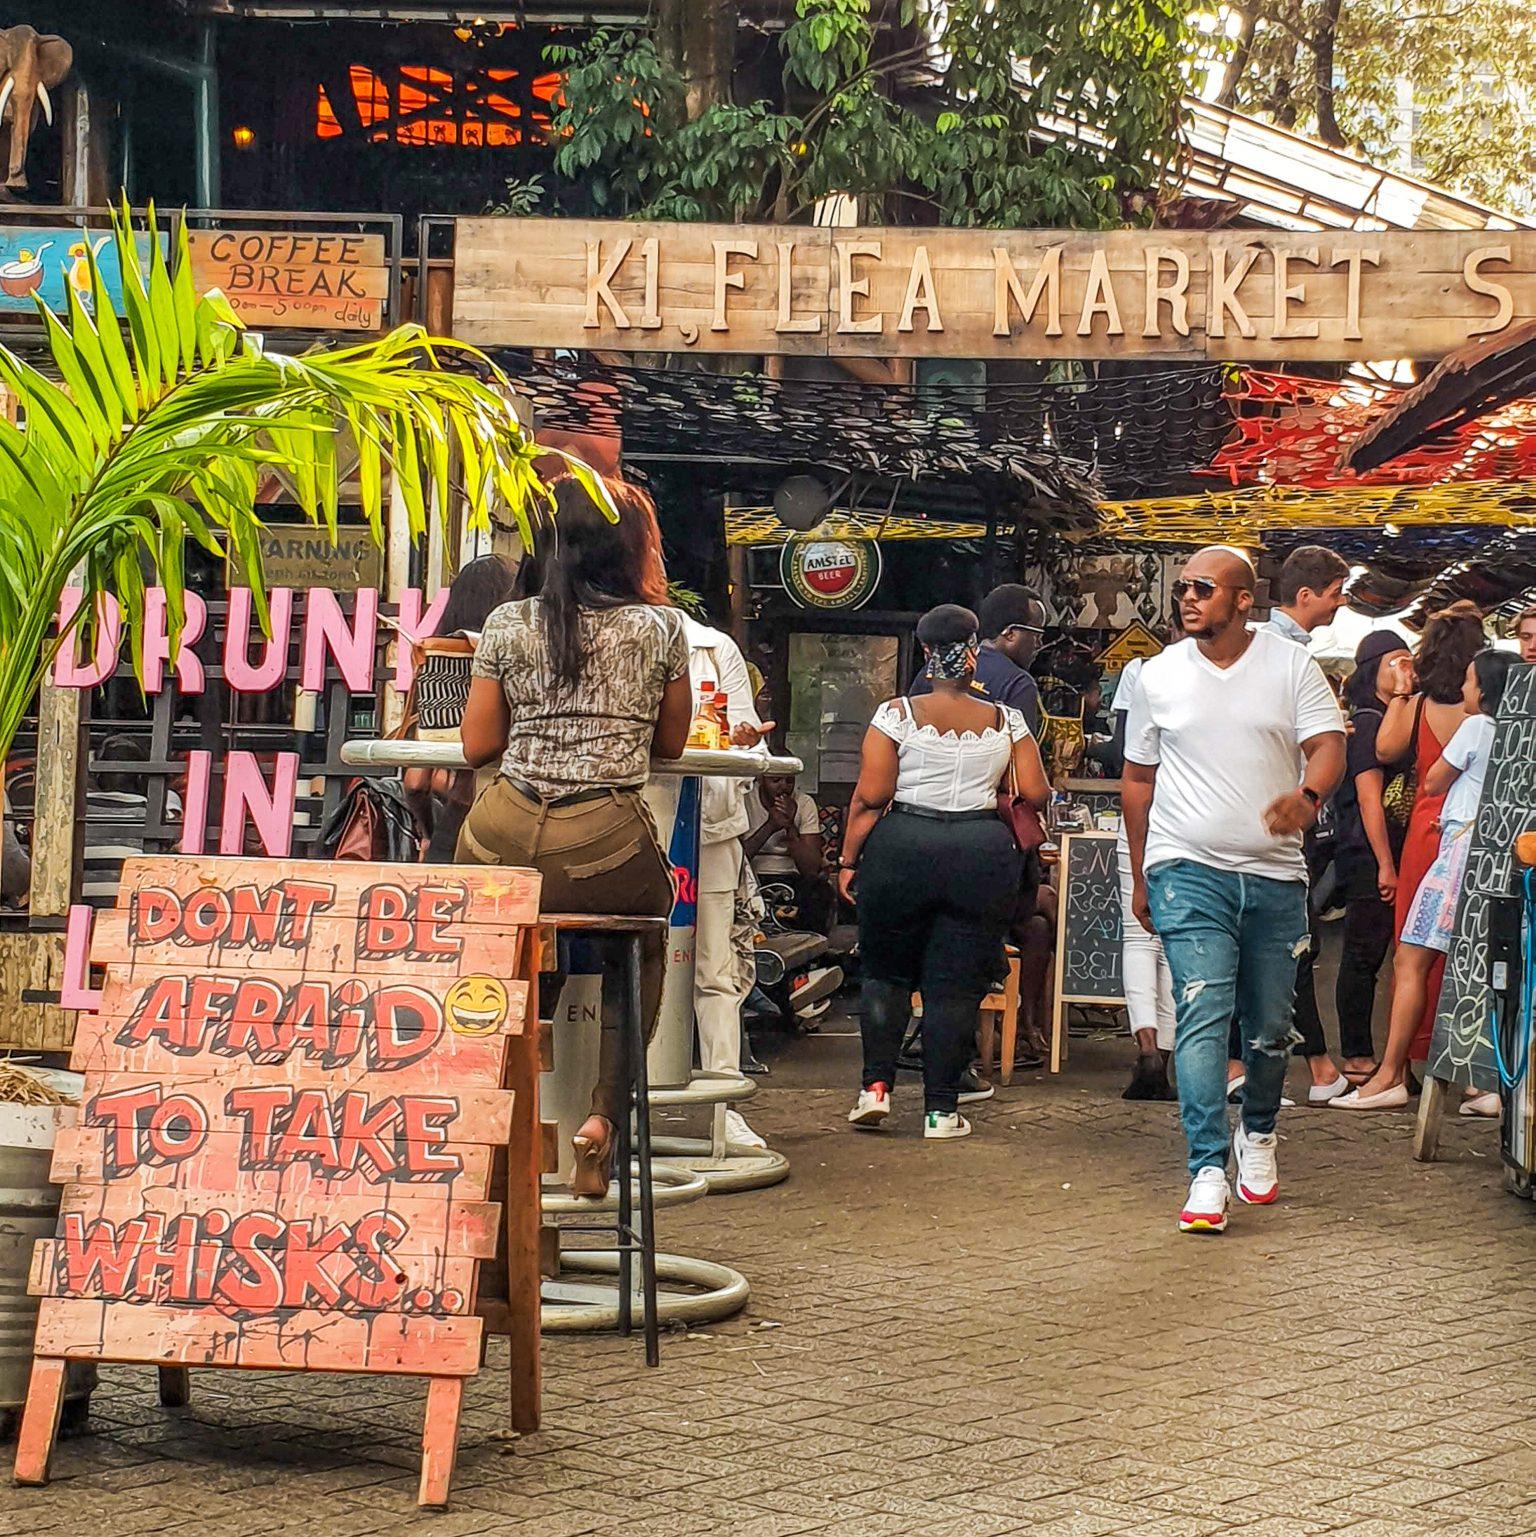 K1 Flea Market Nairobi Kenya